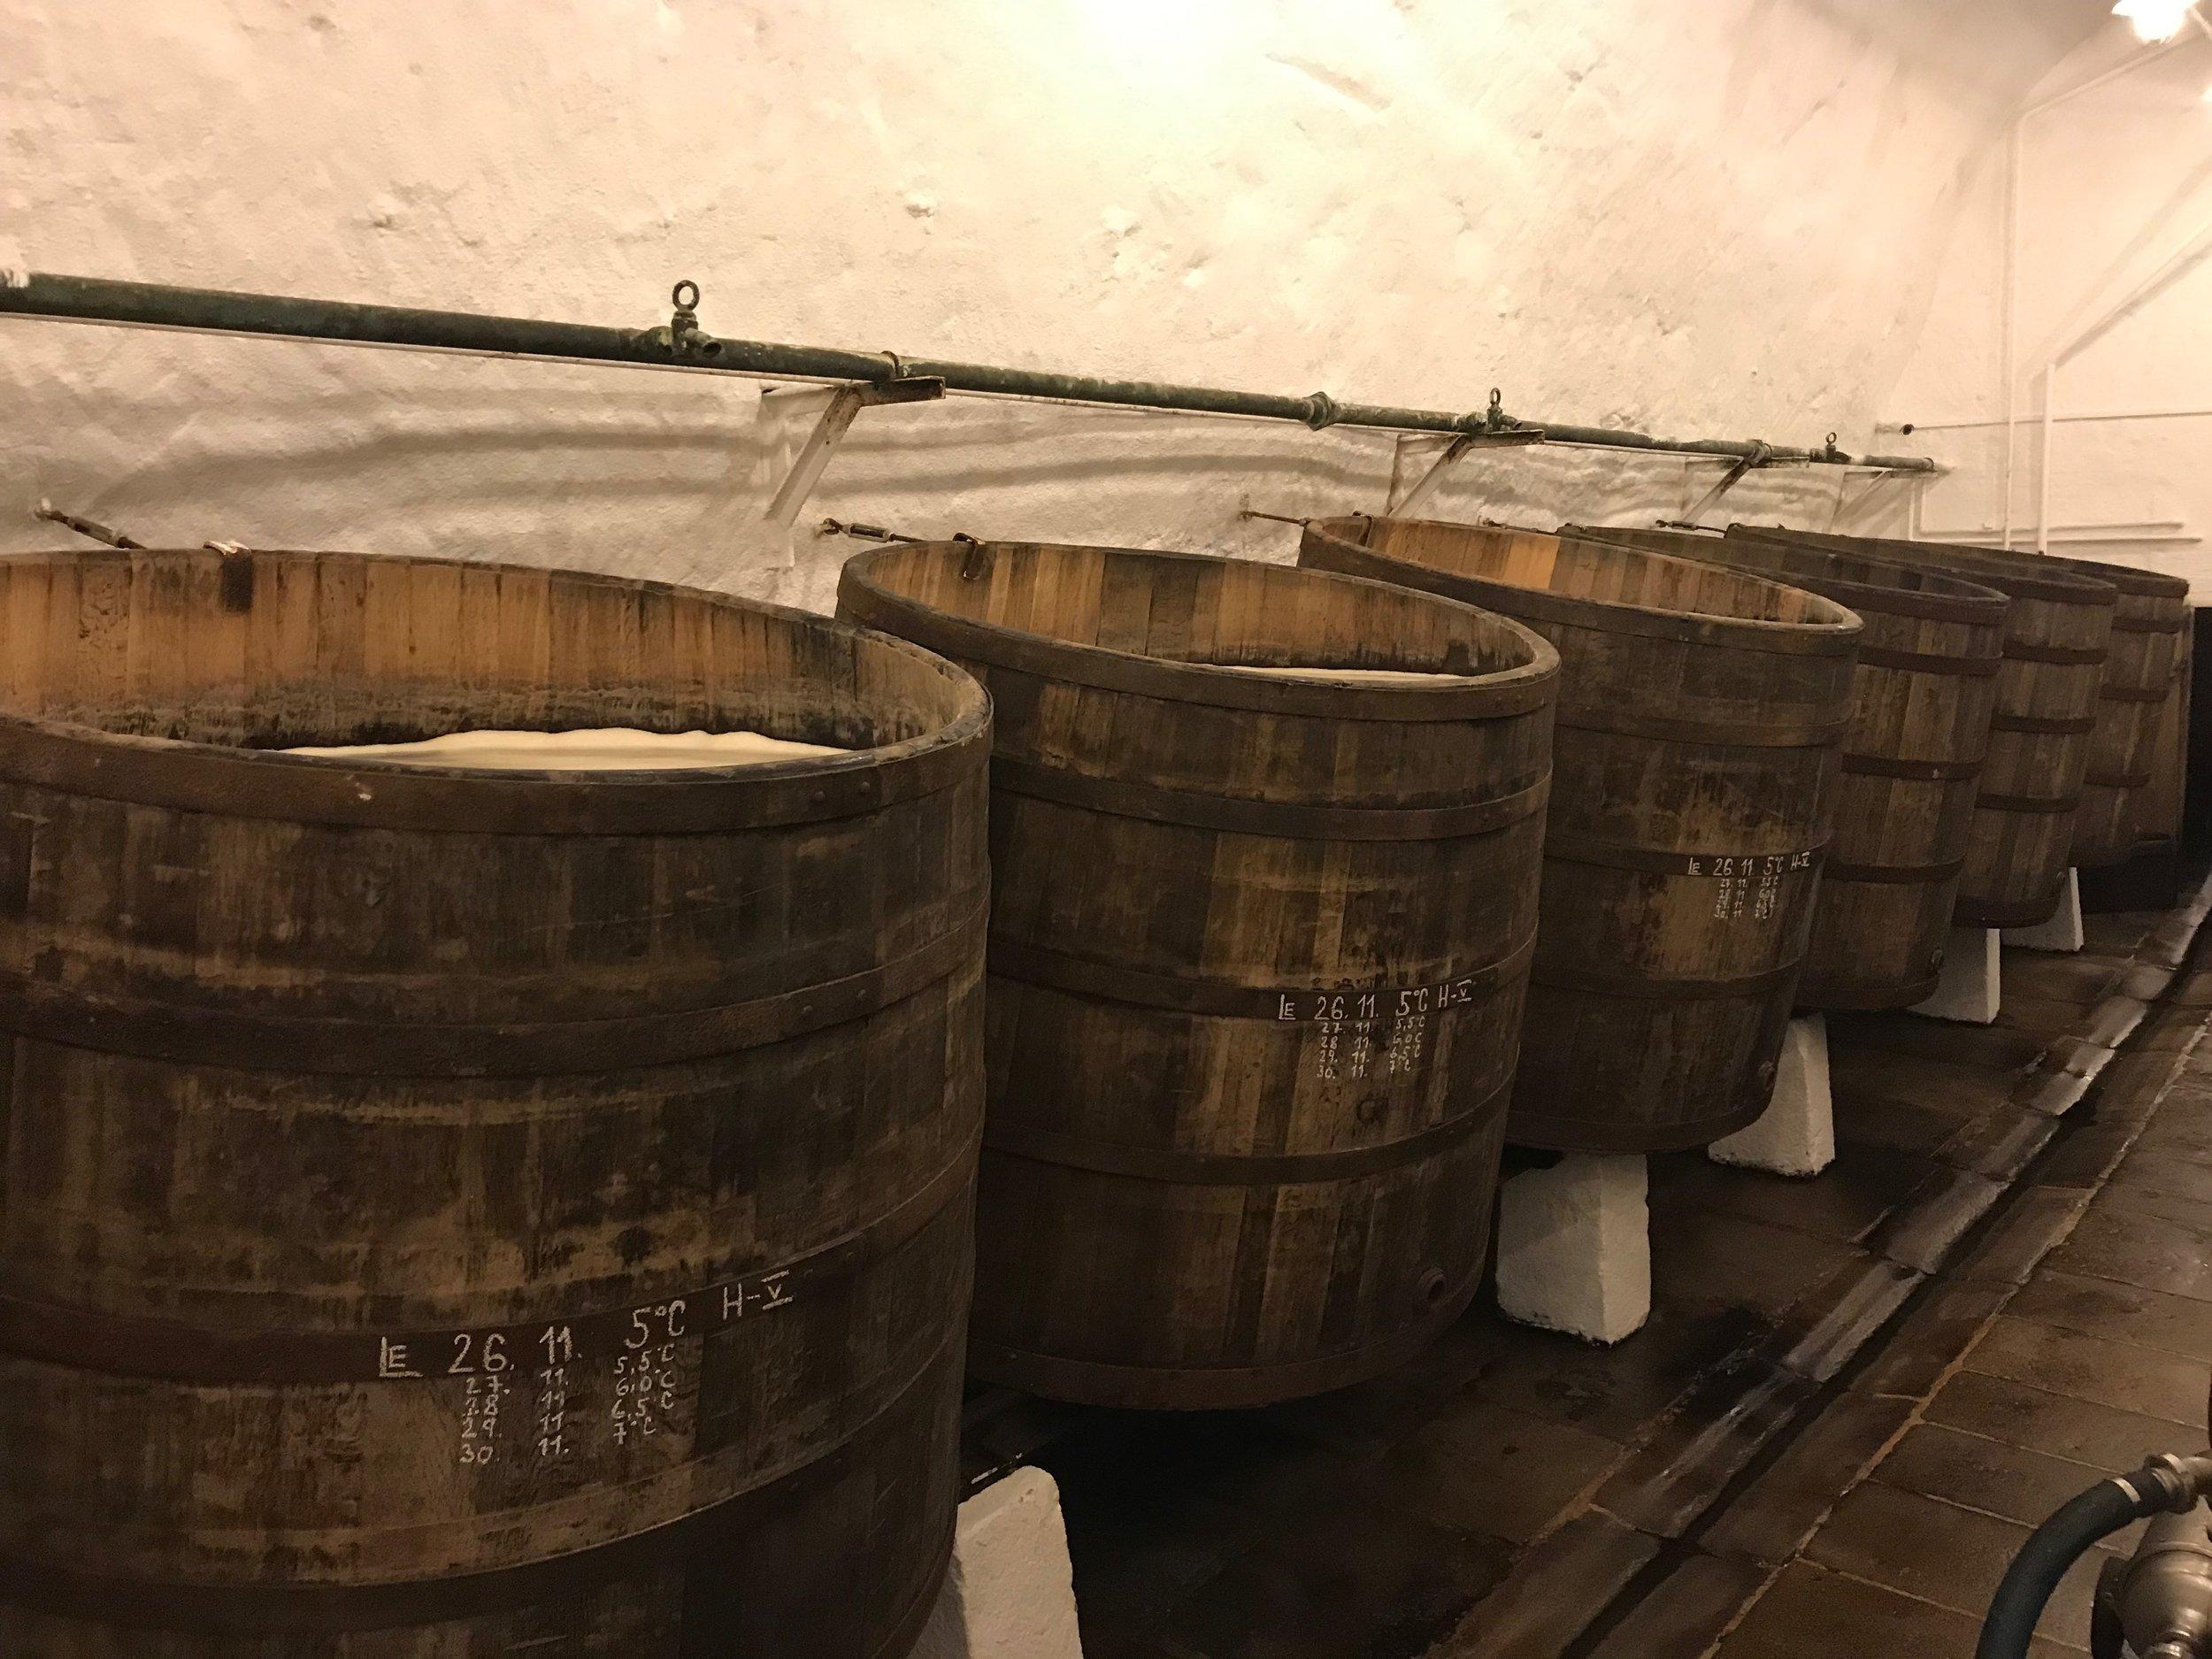 Open-top fermentation tanks in Czech Republic